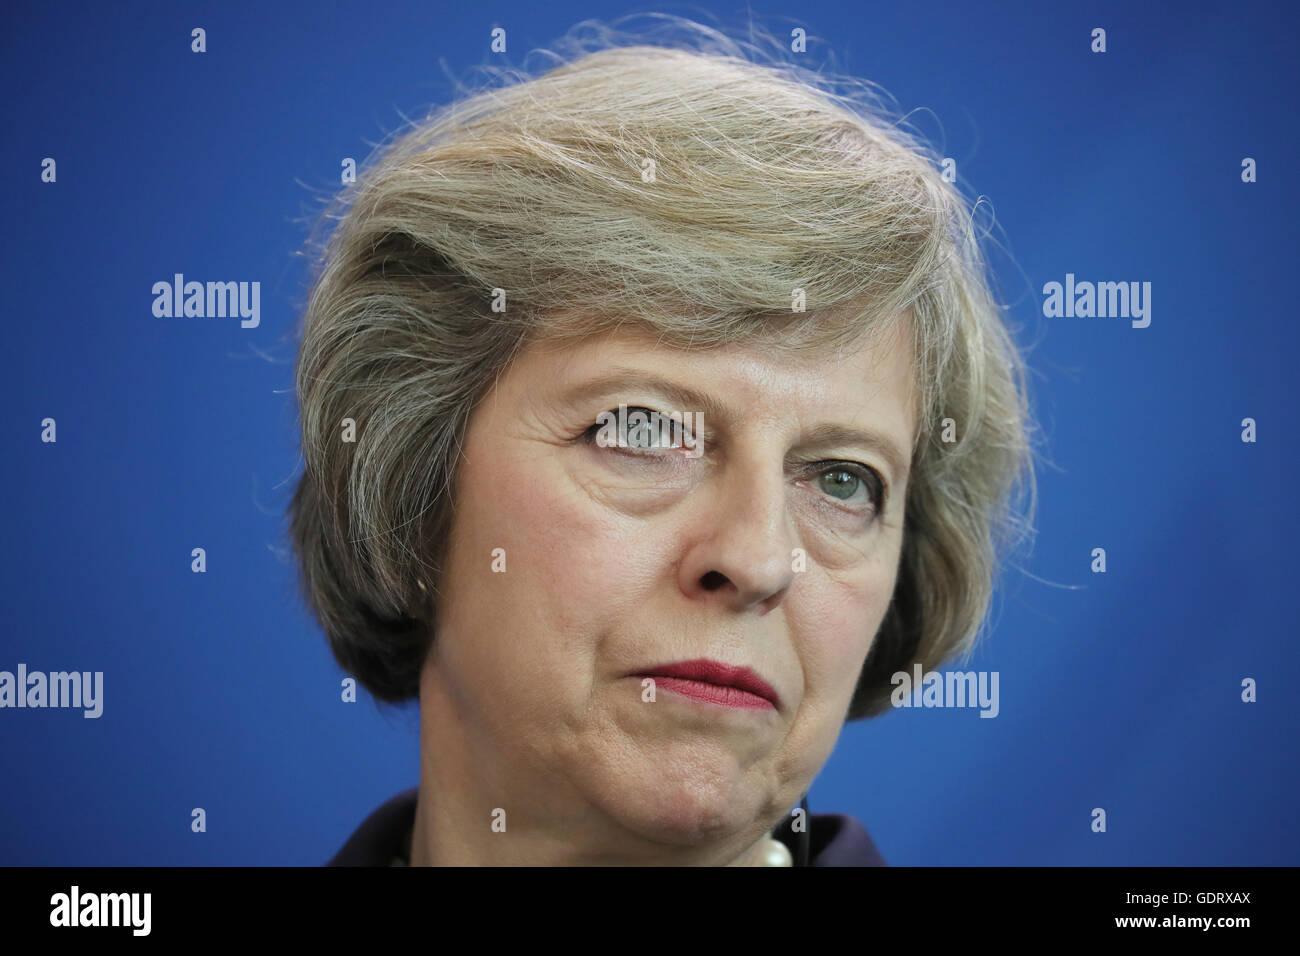 Die neue britische Premierministerin Theresa May spricht am 20.07.2016 in Berlin im Bundeskanzleramt zu Journalisten. - Stock Image